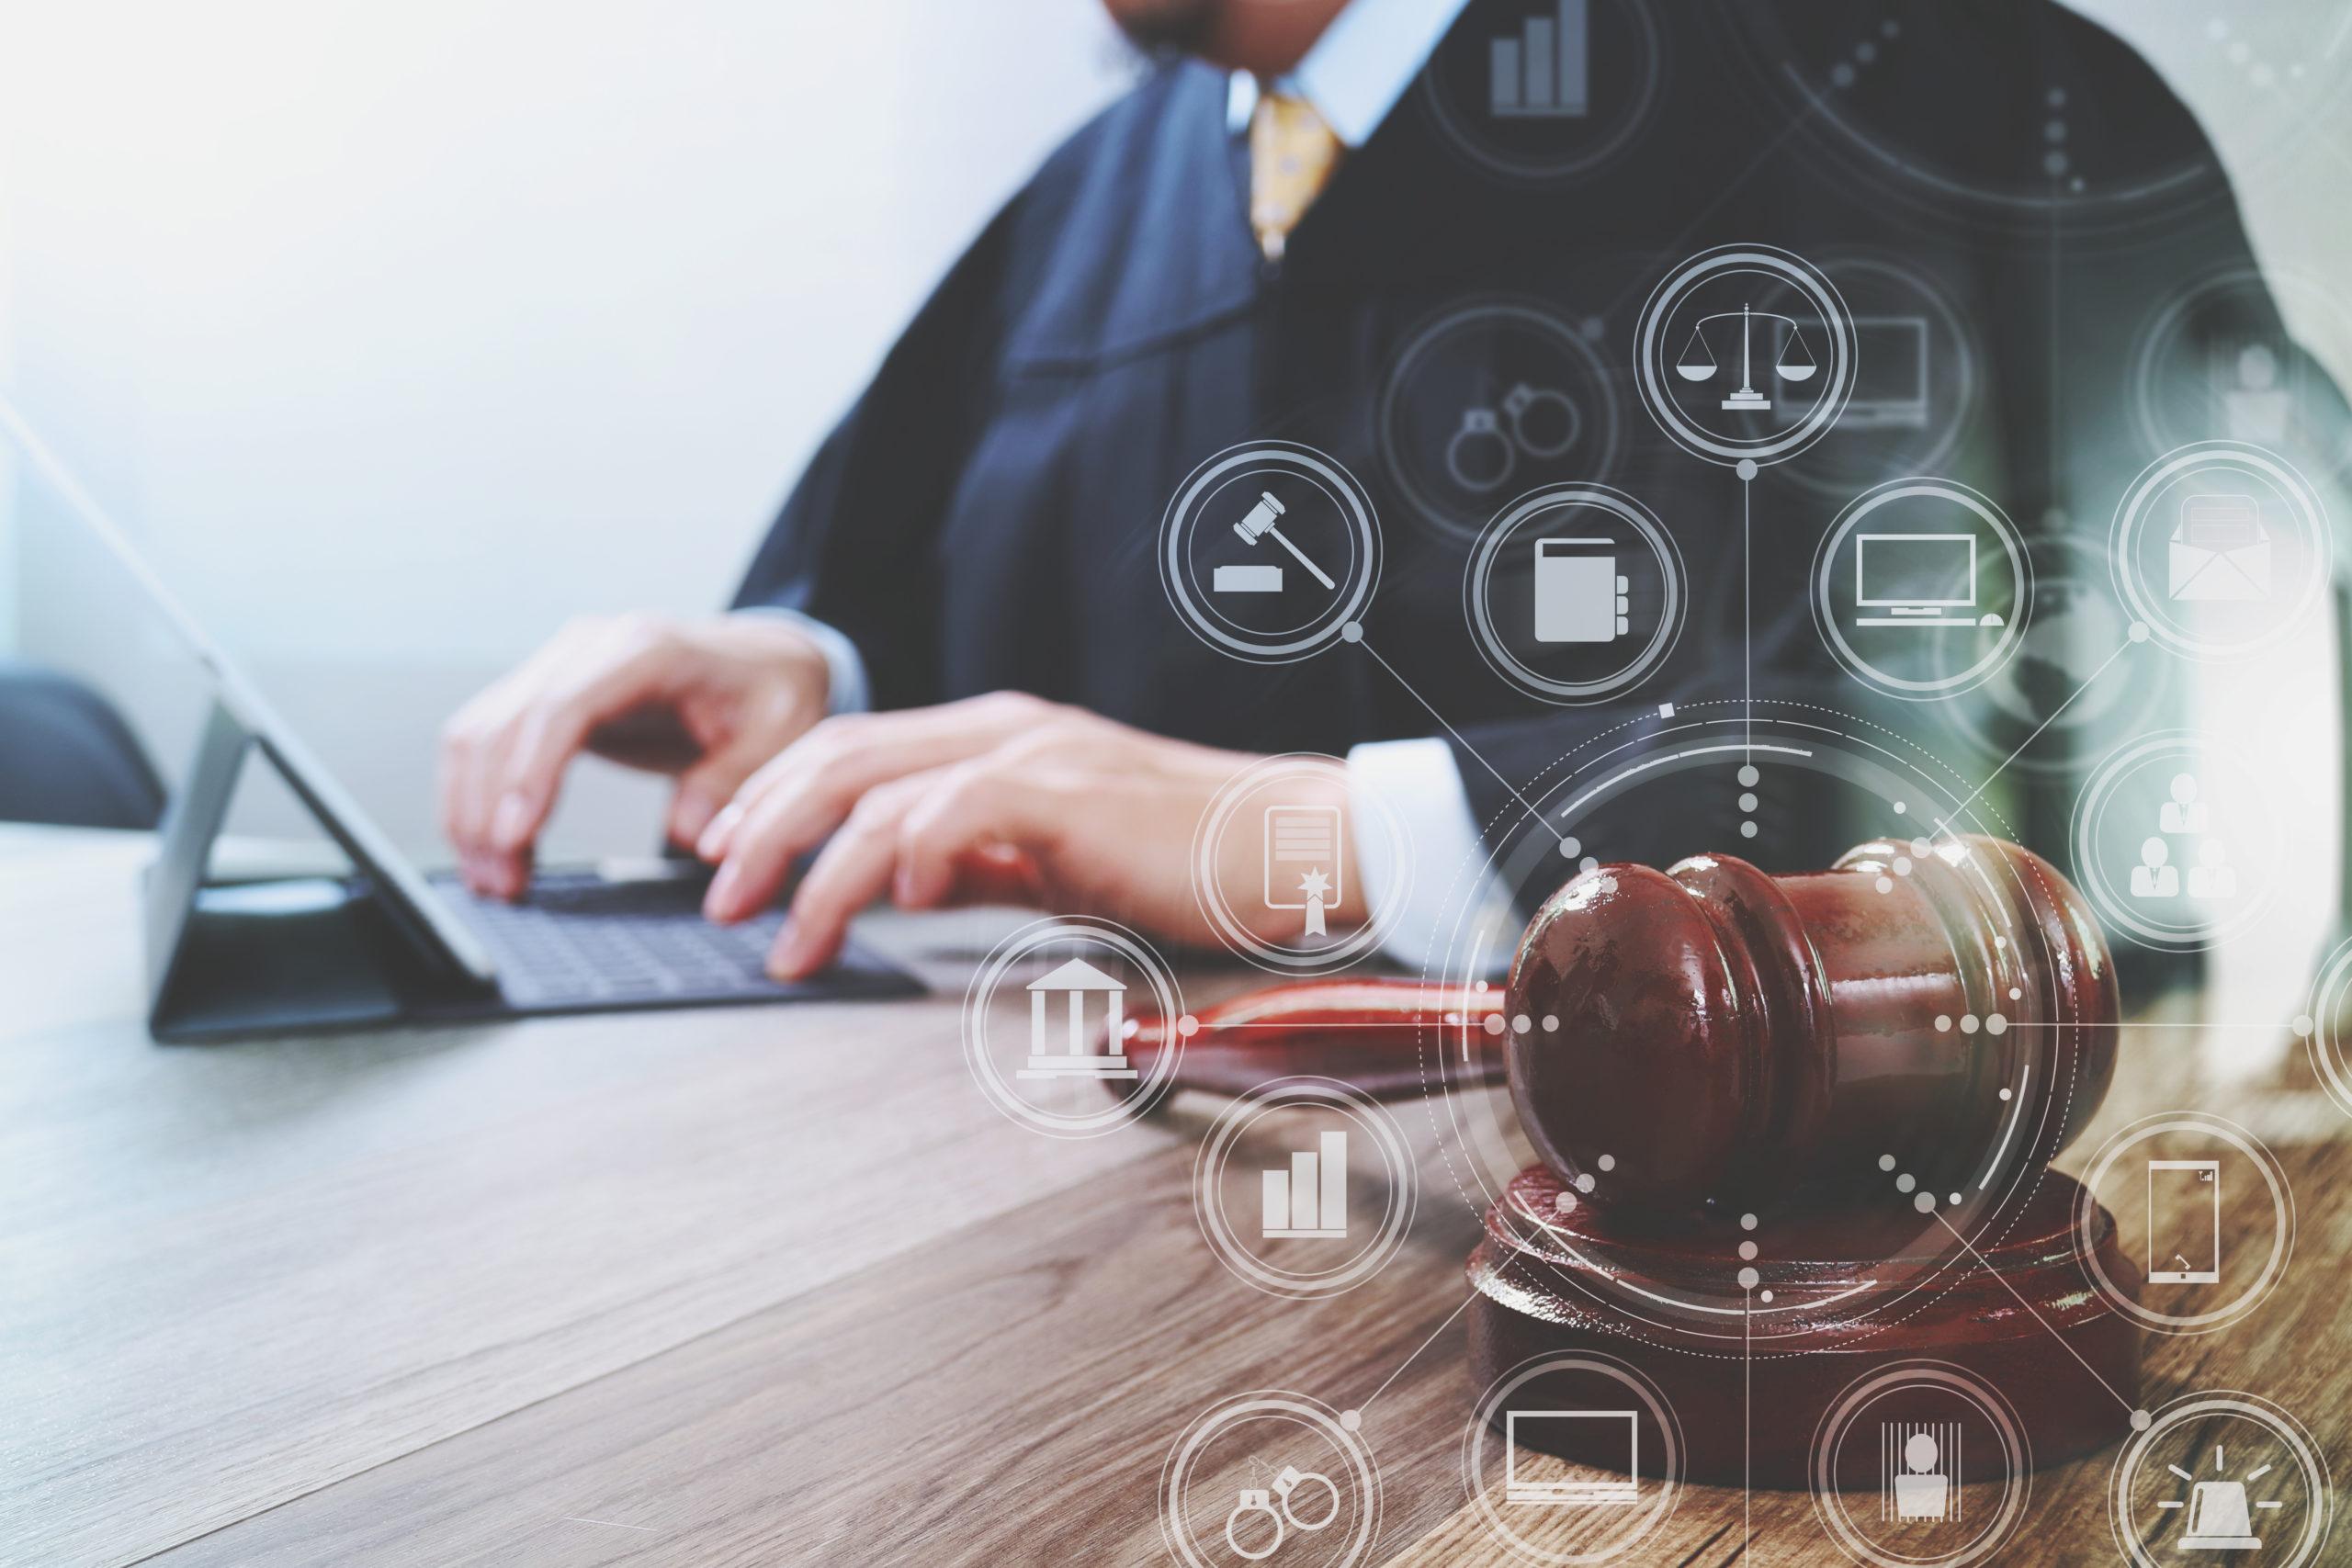 Kto może świadczyć usługi prawnicze?